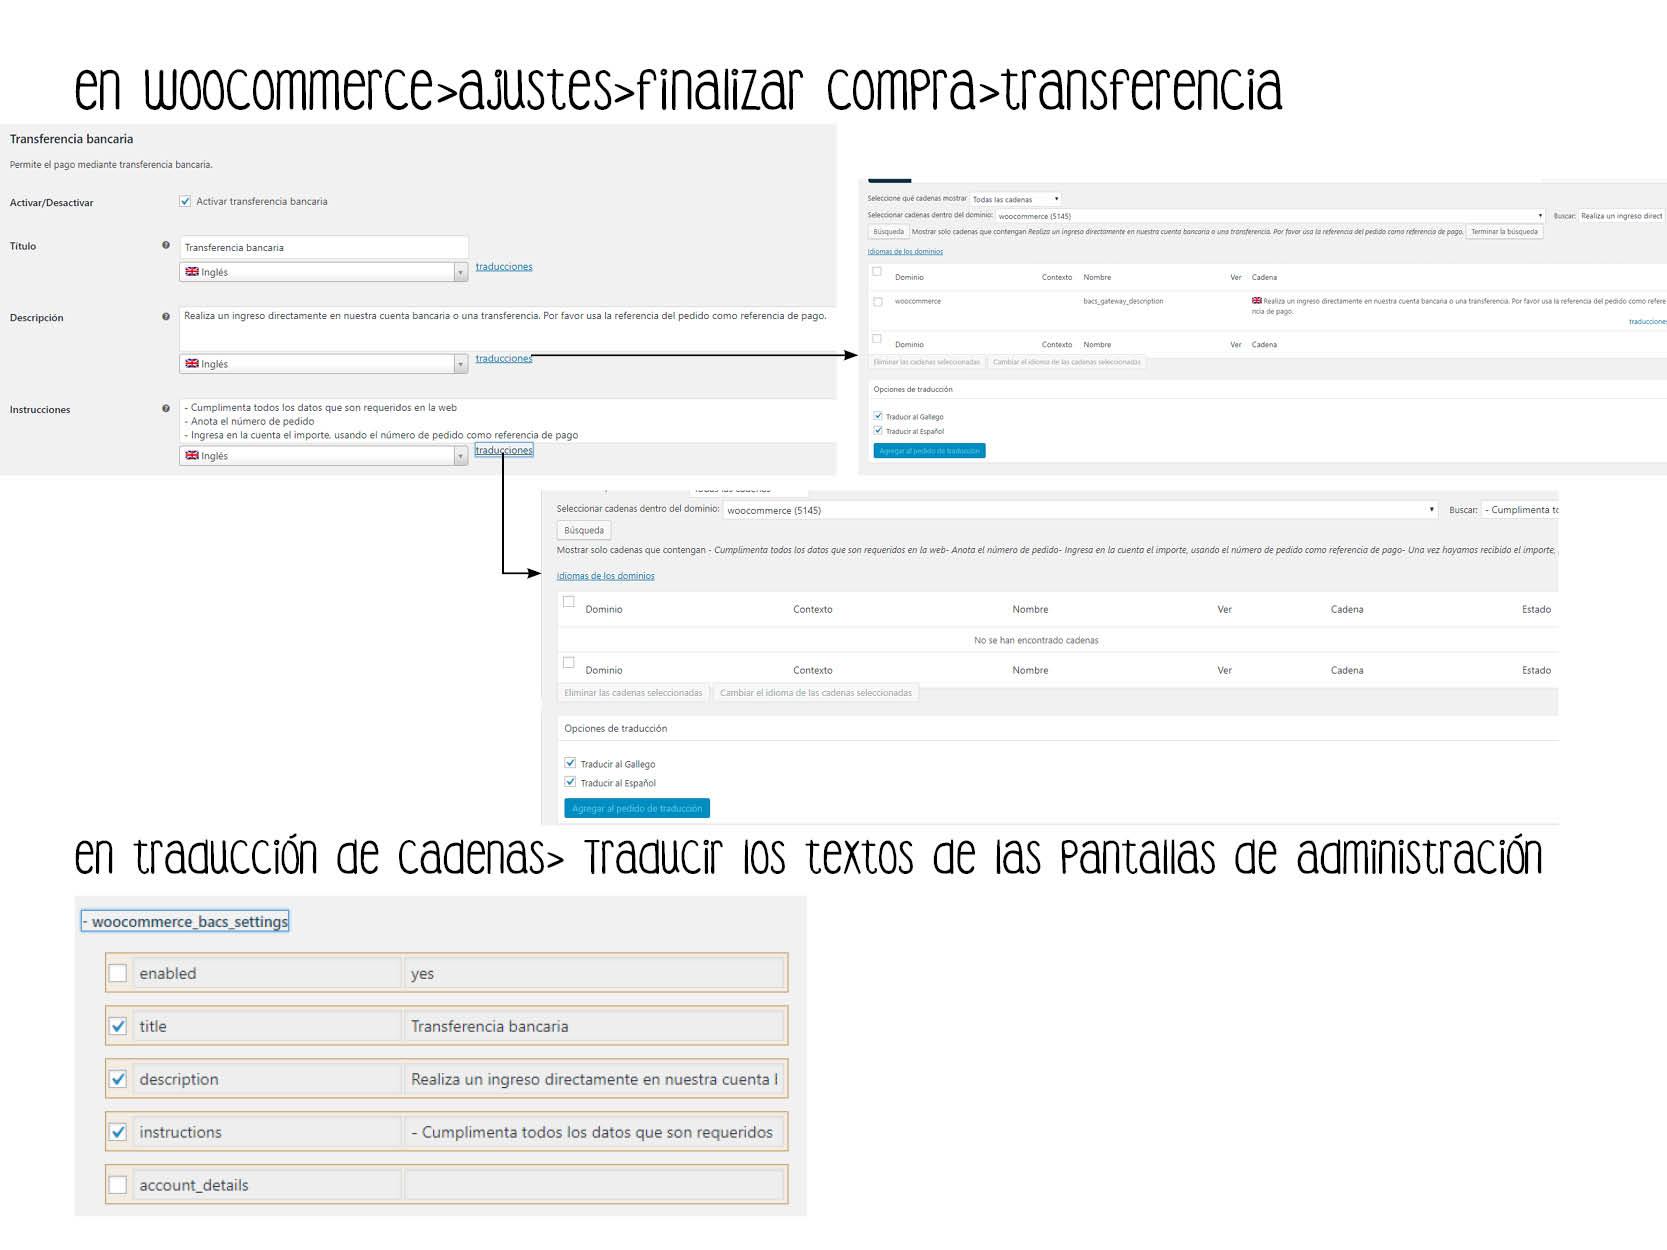 7ca819e9a Texto en español en Finalizar compra por transferencia - WPML